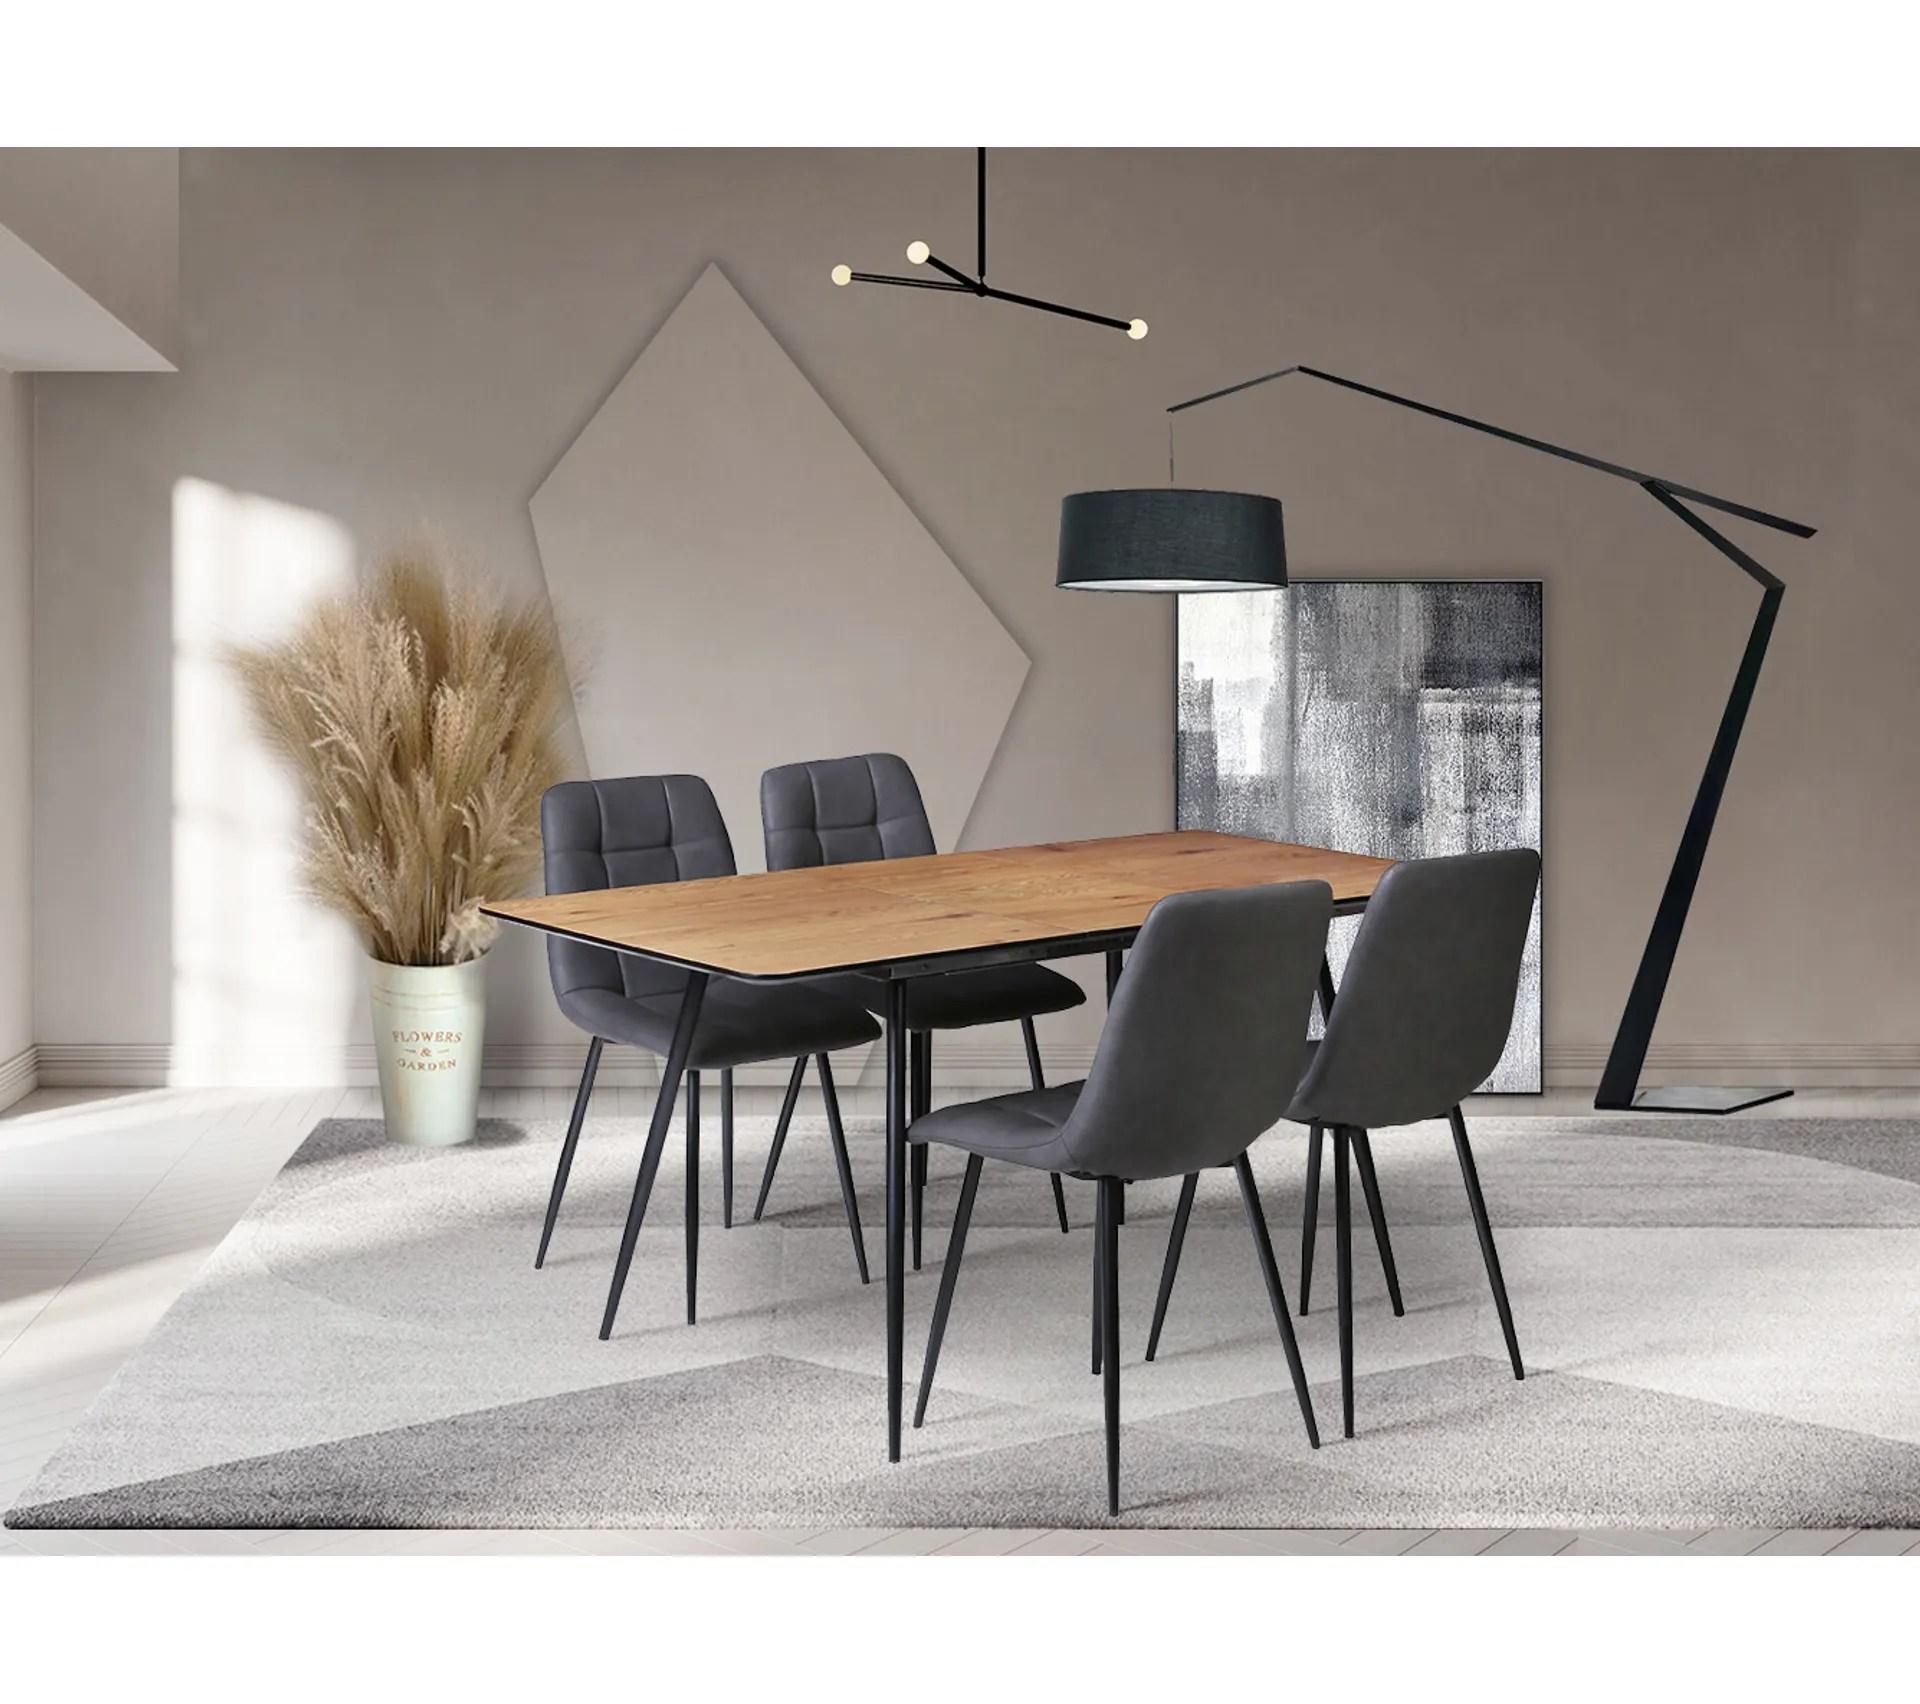 ensemble table 4 chaises seoul imitation chene et noir